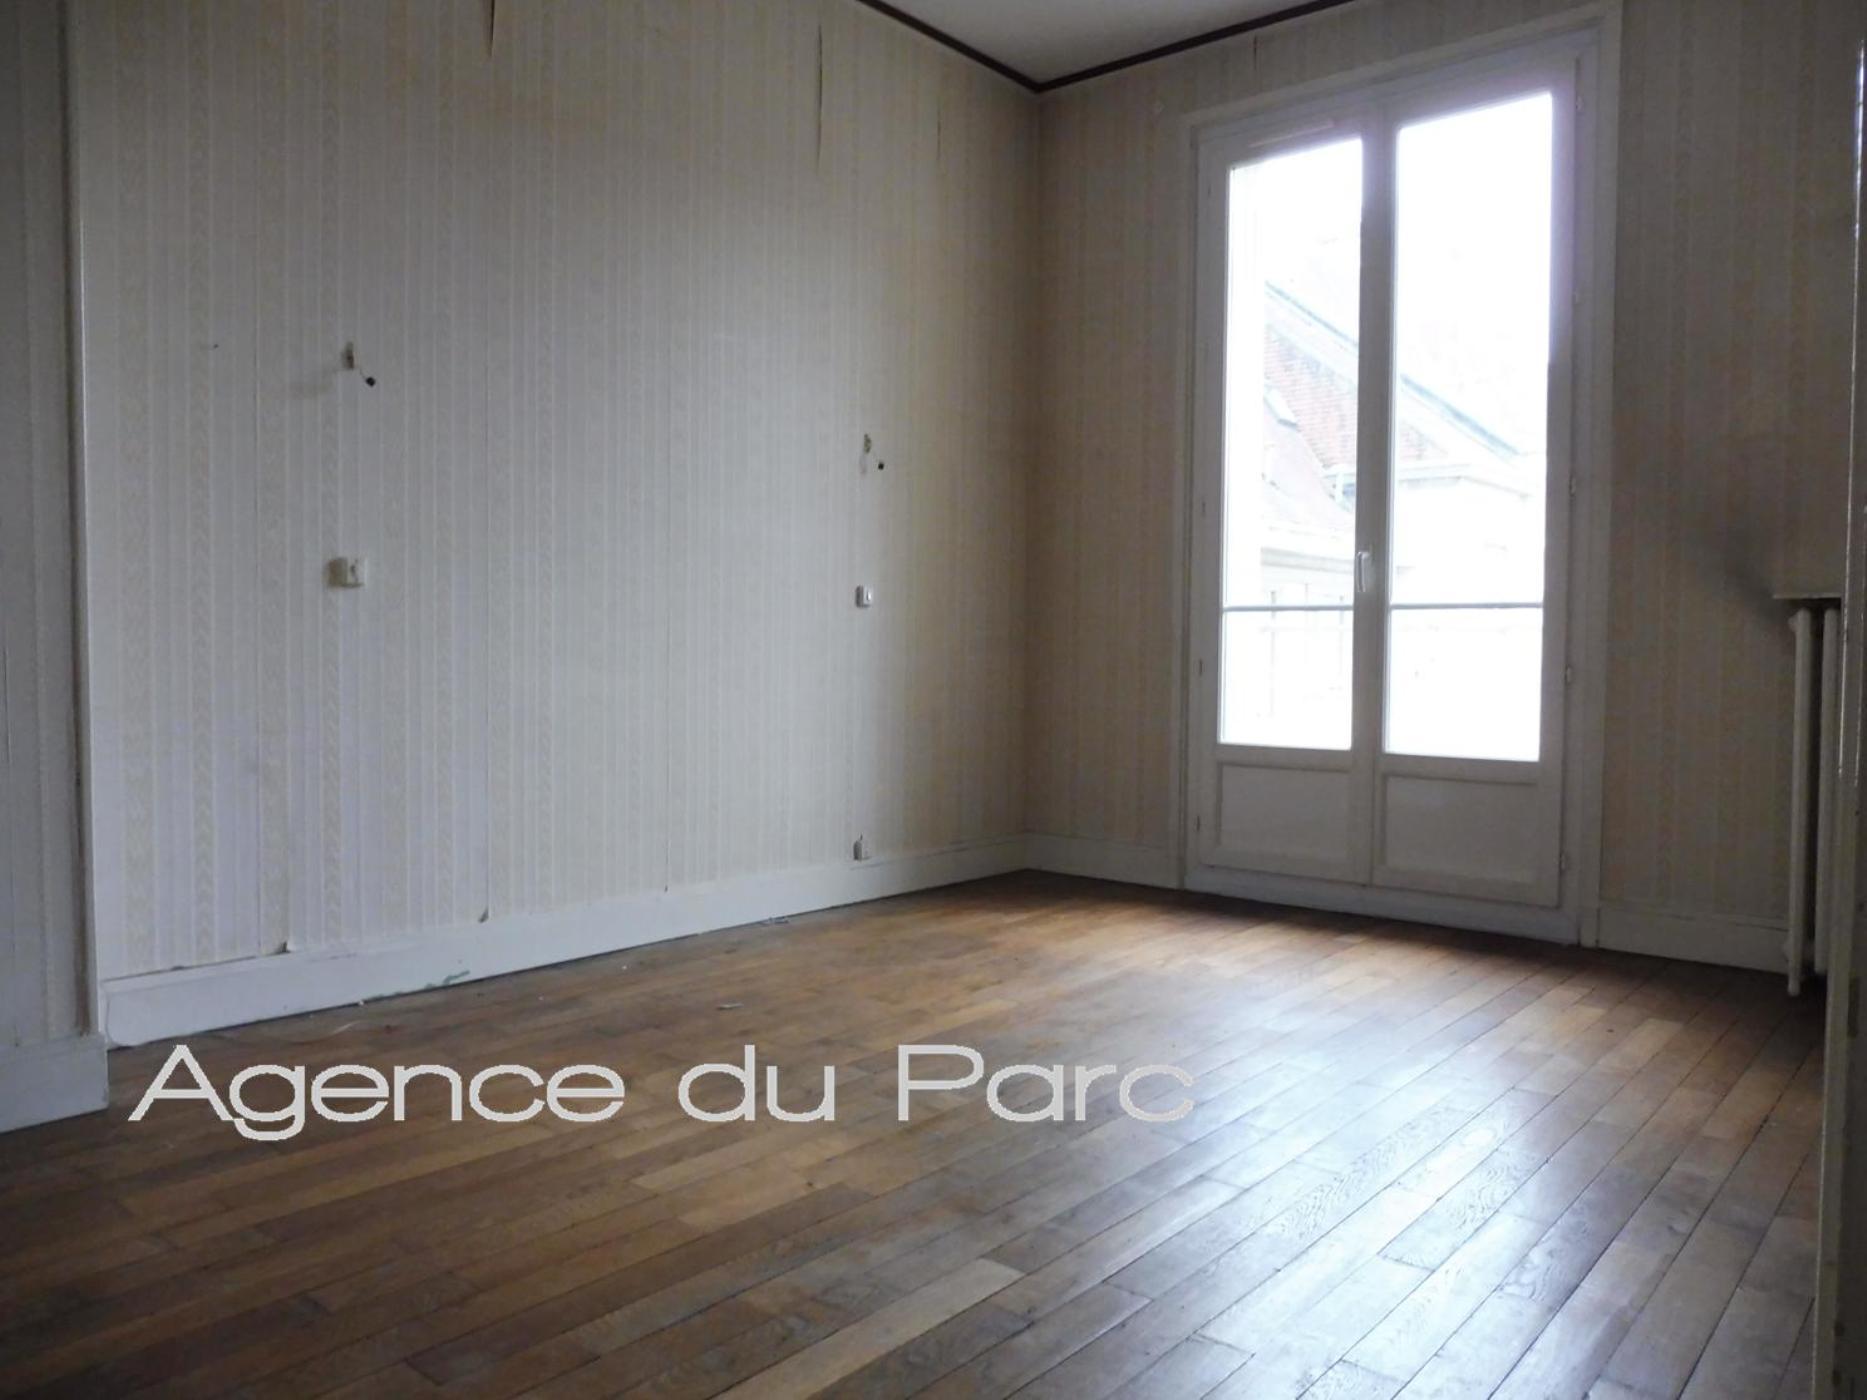 Acheter vente d 39 une maison de ville centre de caudebec en for Acheter garage investissement